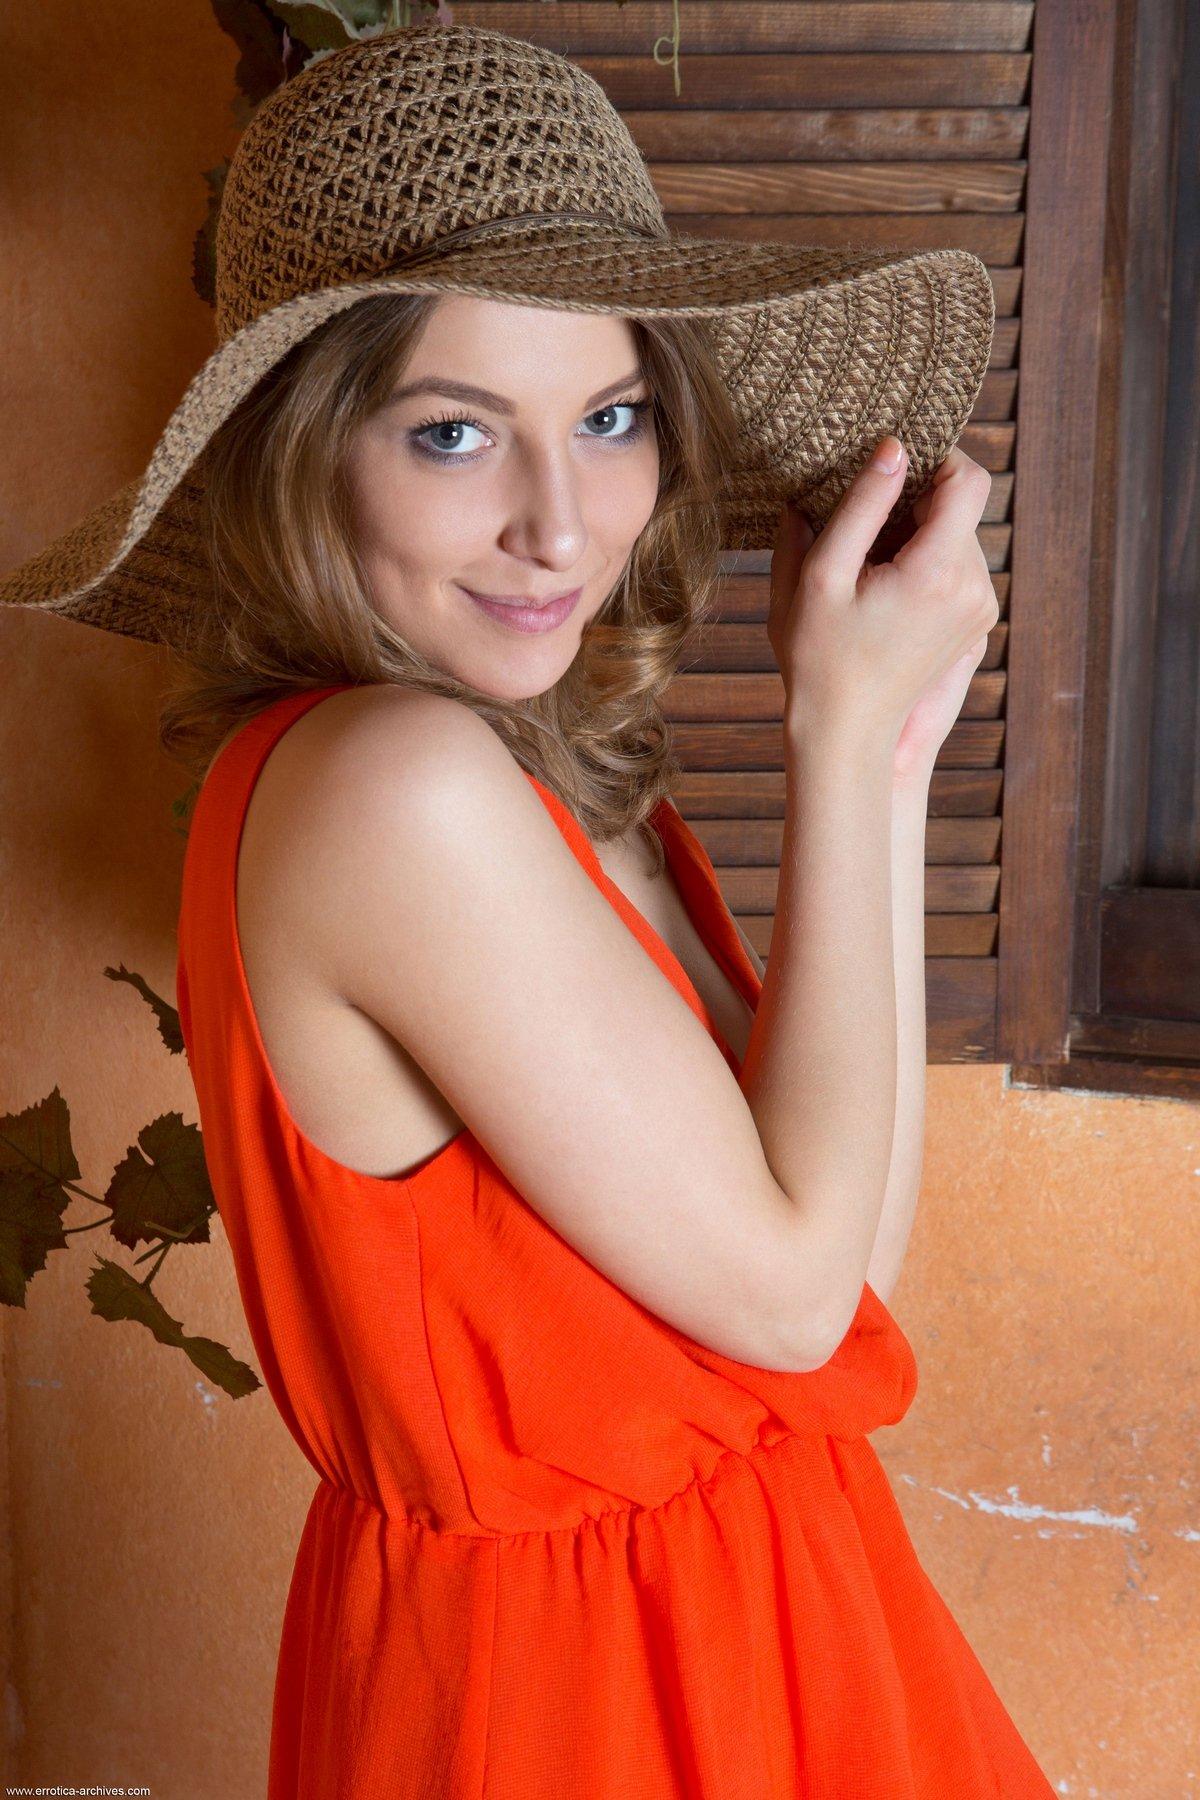 Украинки Фото  Голые девушки девки обнаженные женщины